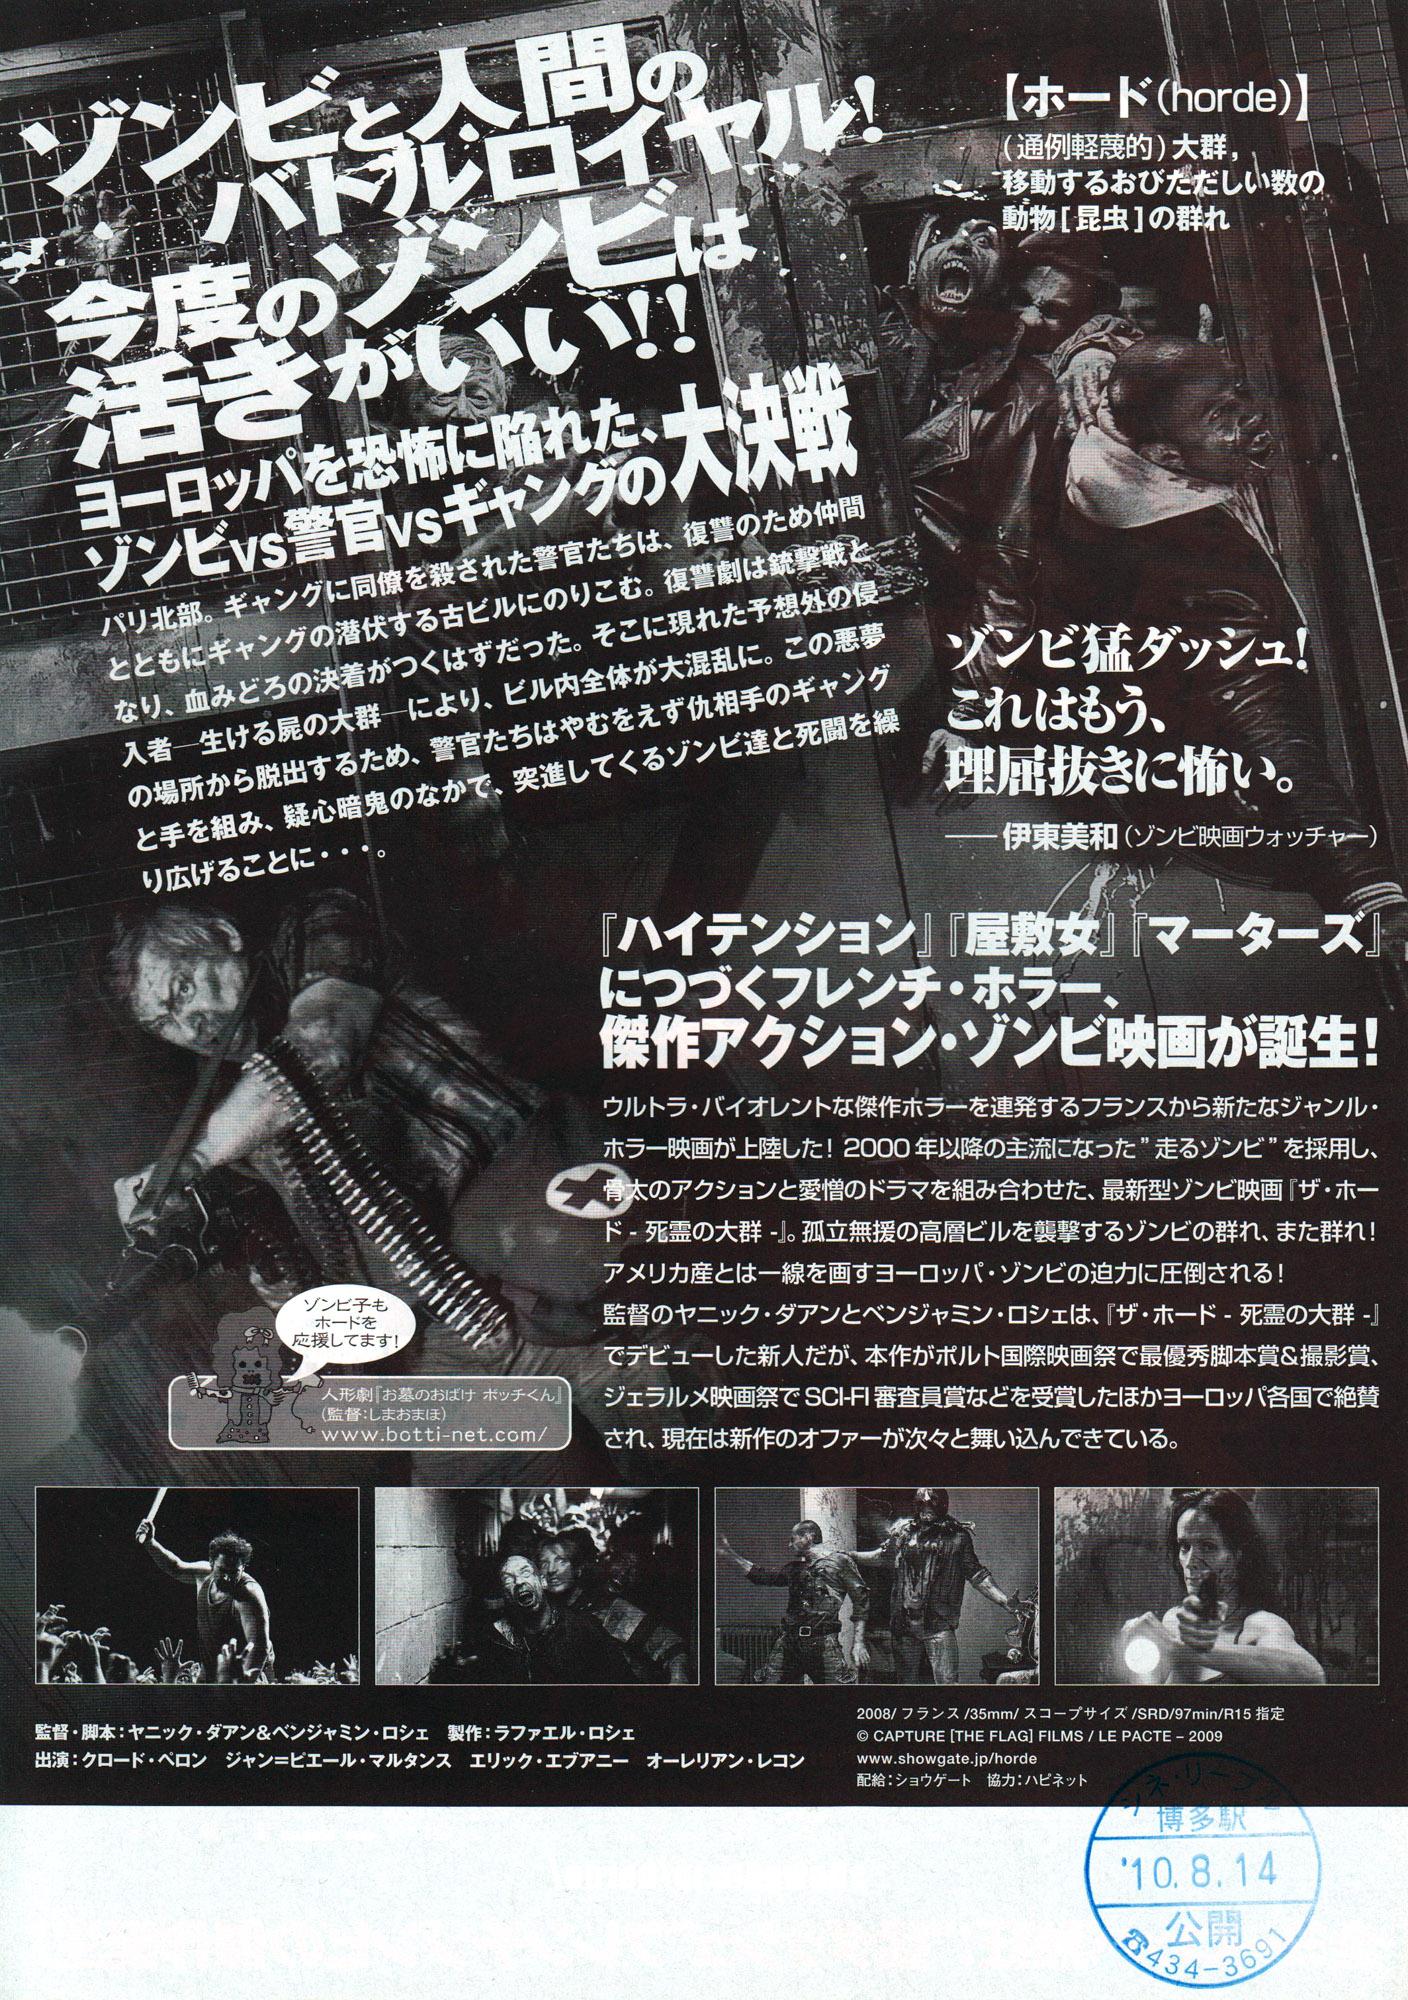 thehorde_japani-2